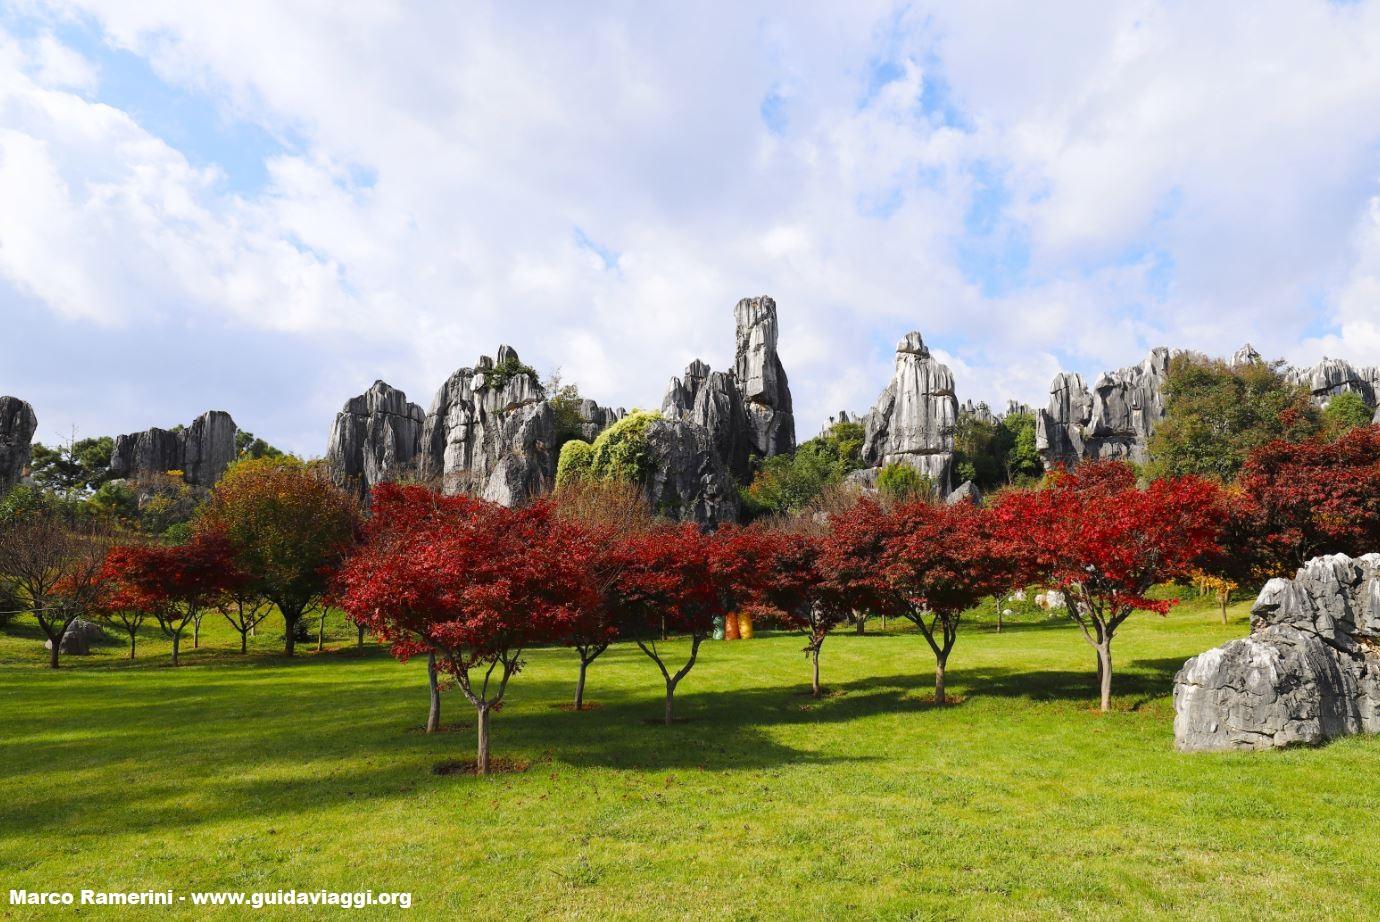 Bosque de piedra, Shilin, Yunnan, China. Autor y Copyright Marco Ramerini,